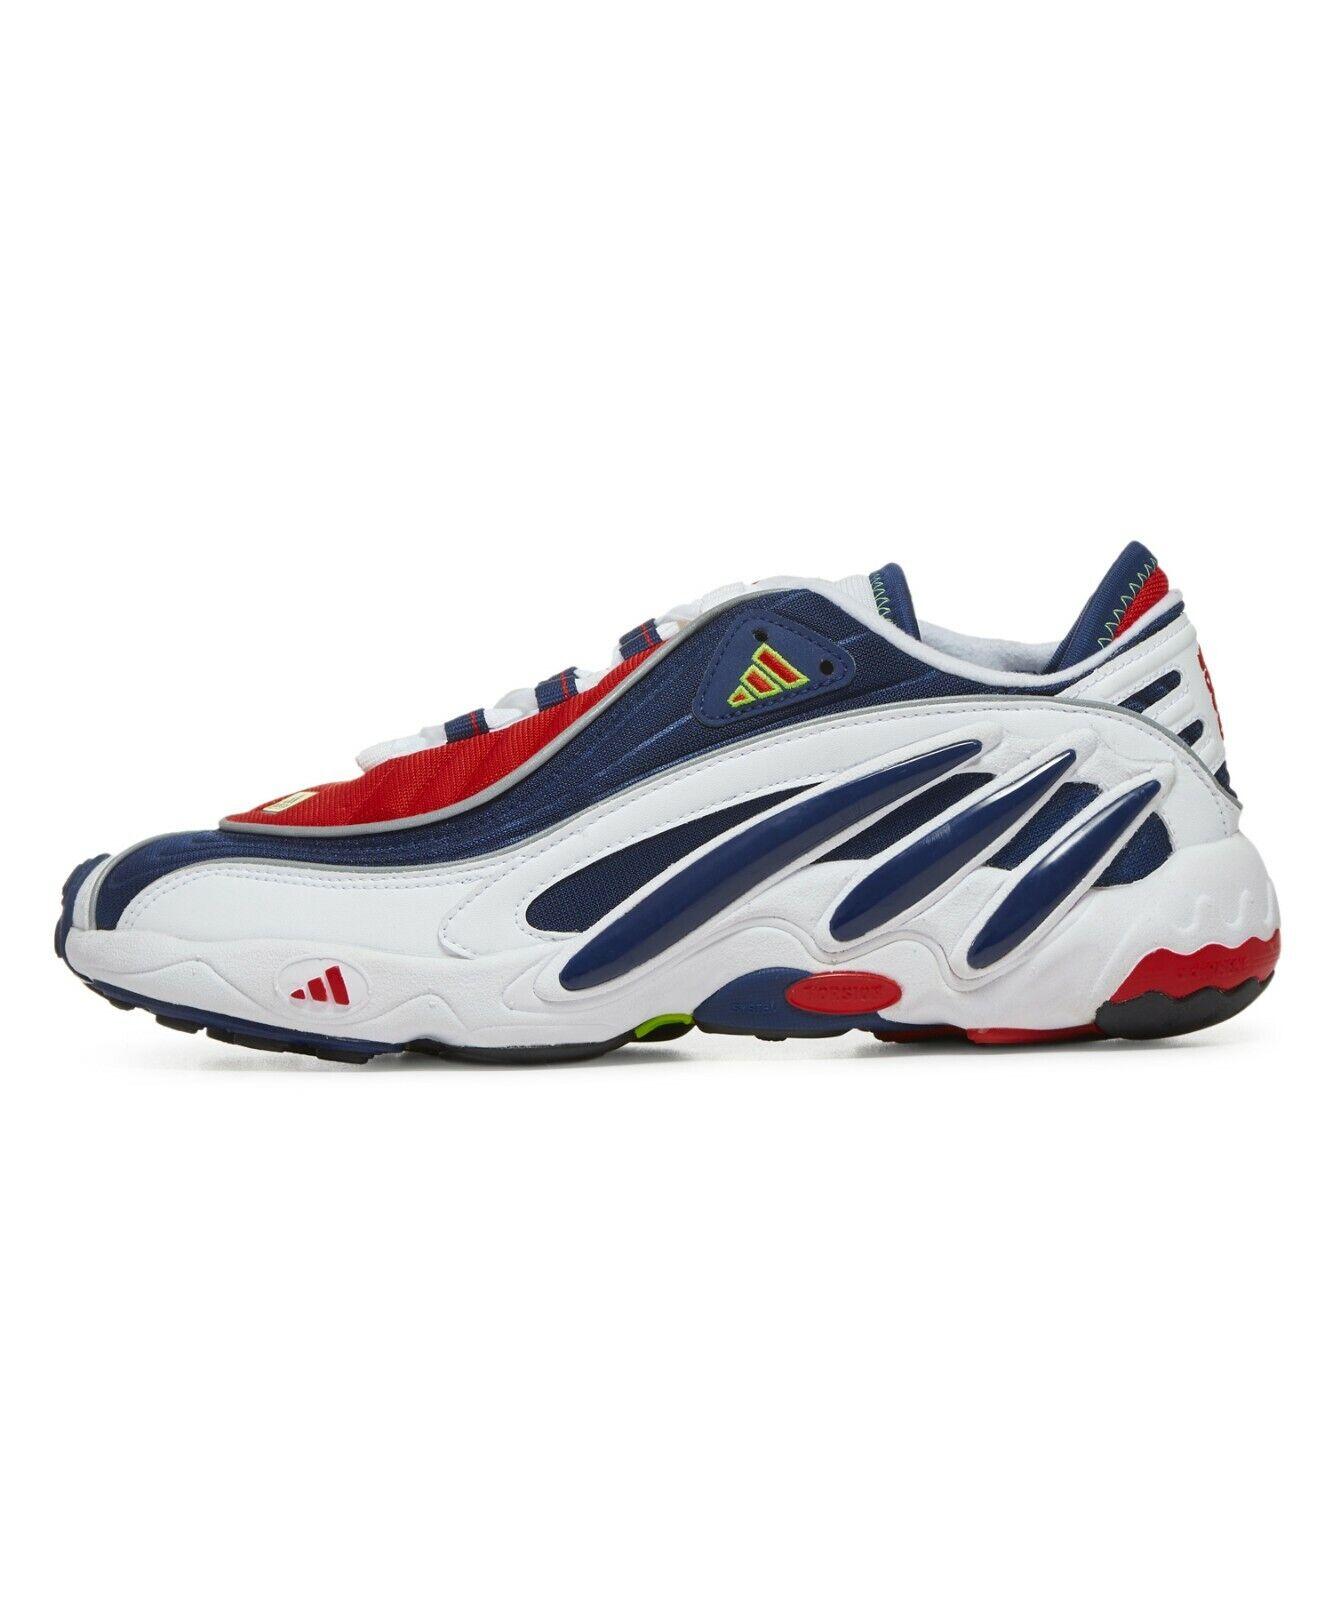 adidas zx 270- OFF 63% - www.butc.co.za!